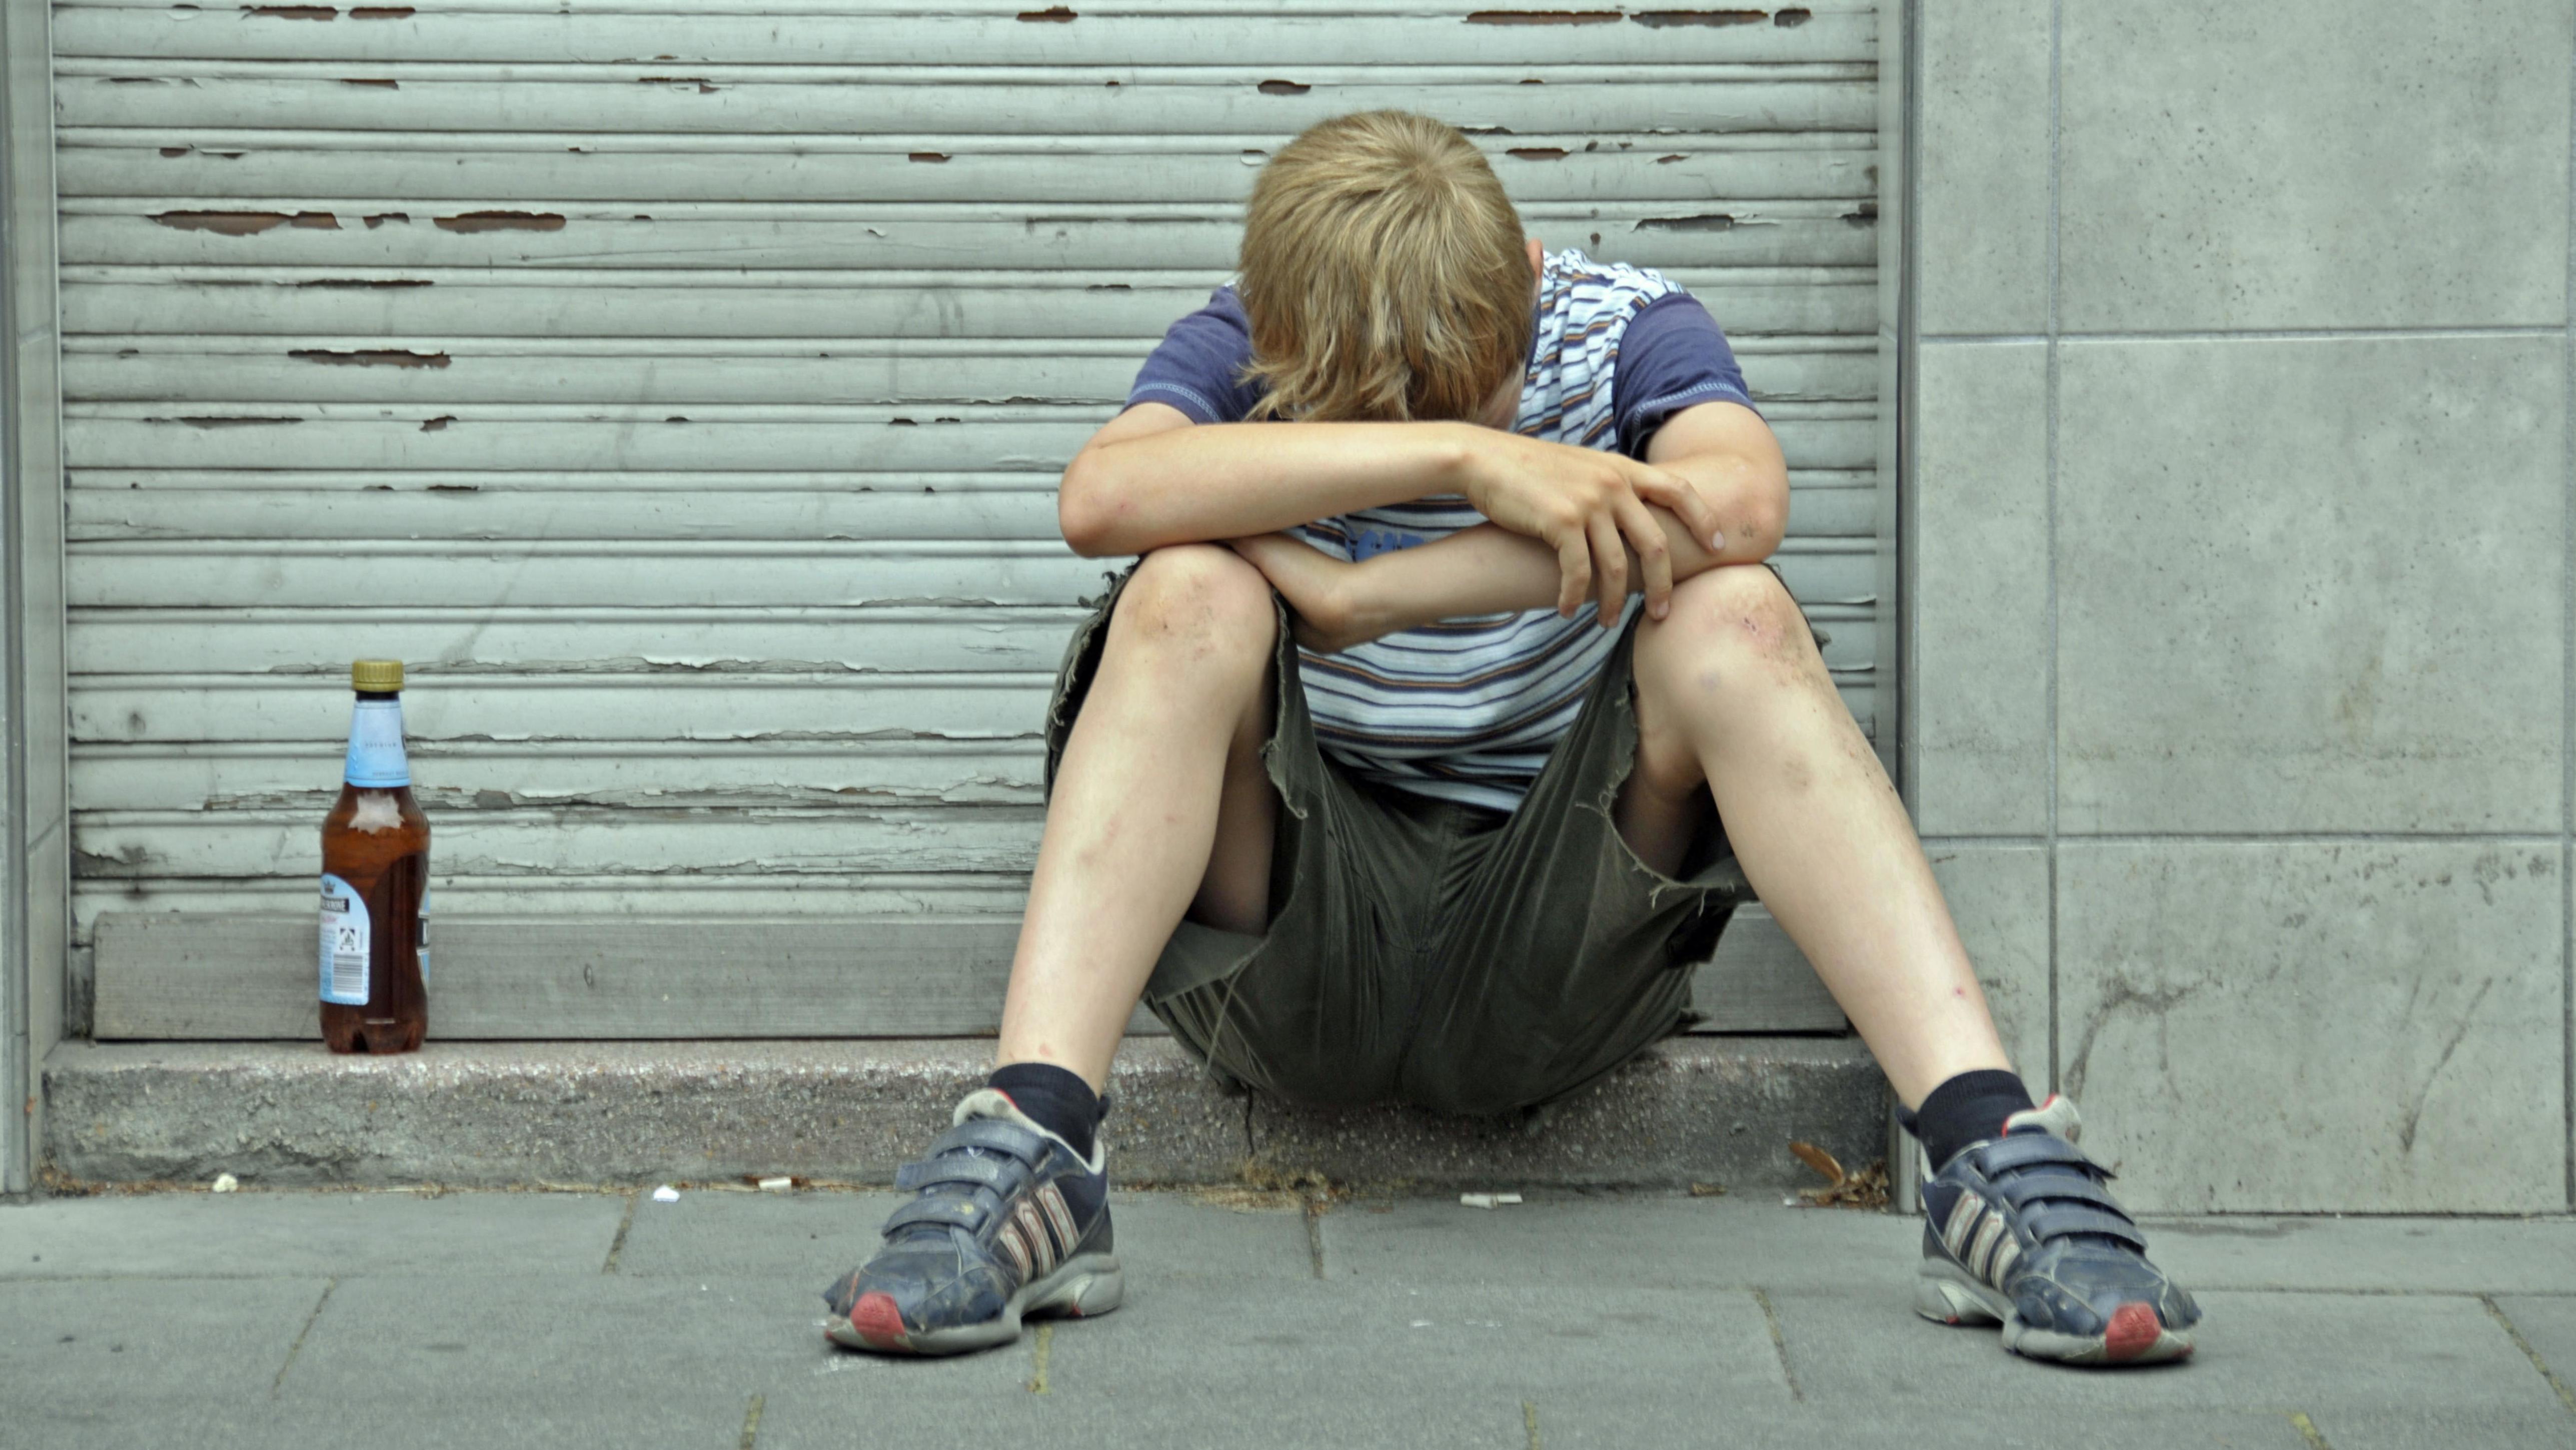 Junge sitzt neben Bierflasche vor einem geschlossenen Laden, den Kopf auf die Arme gelegt